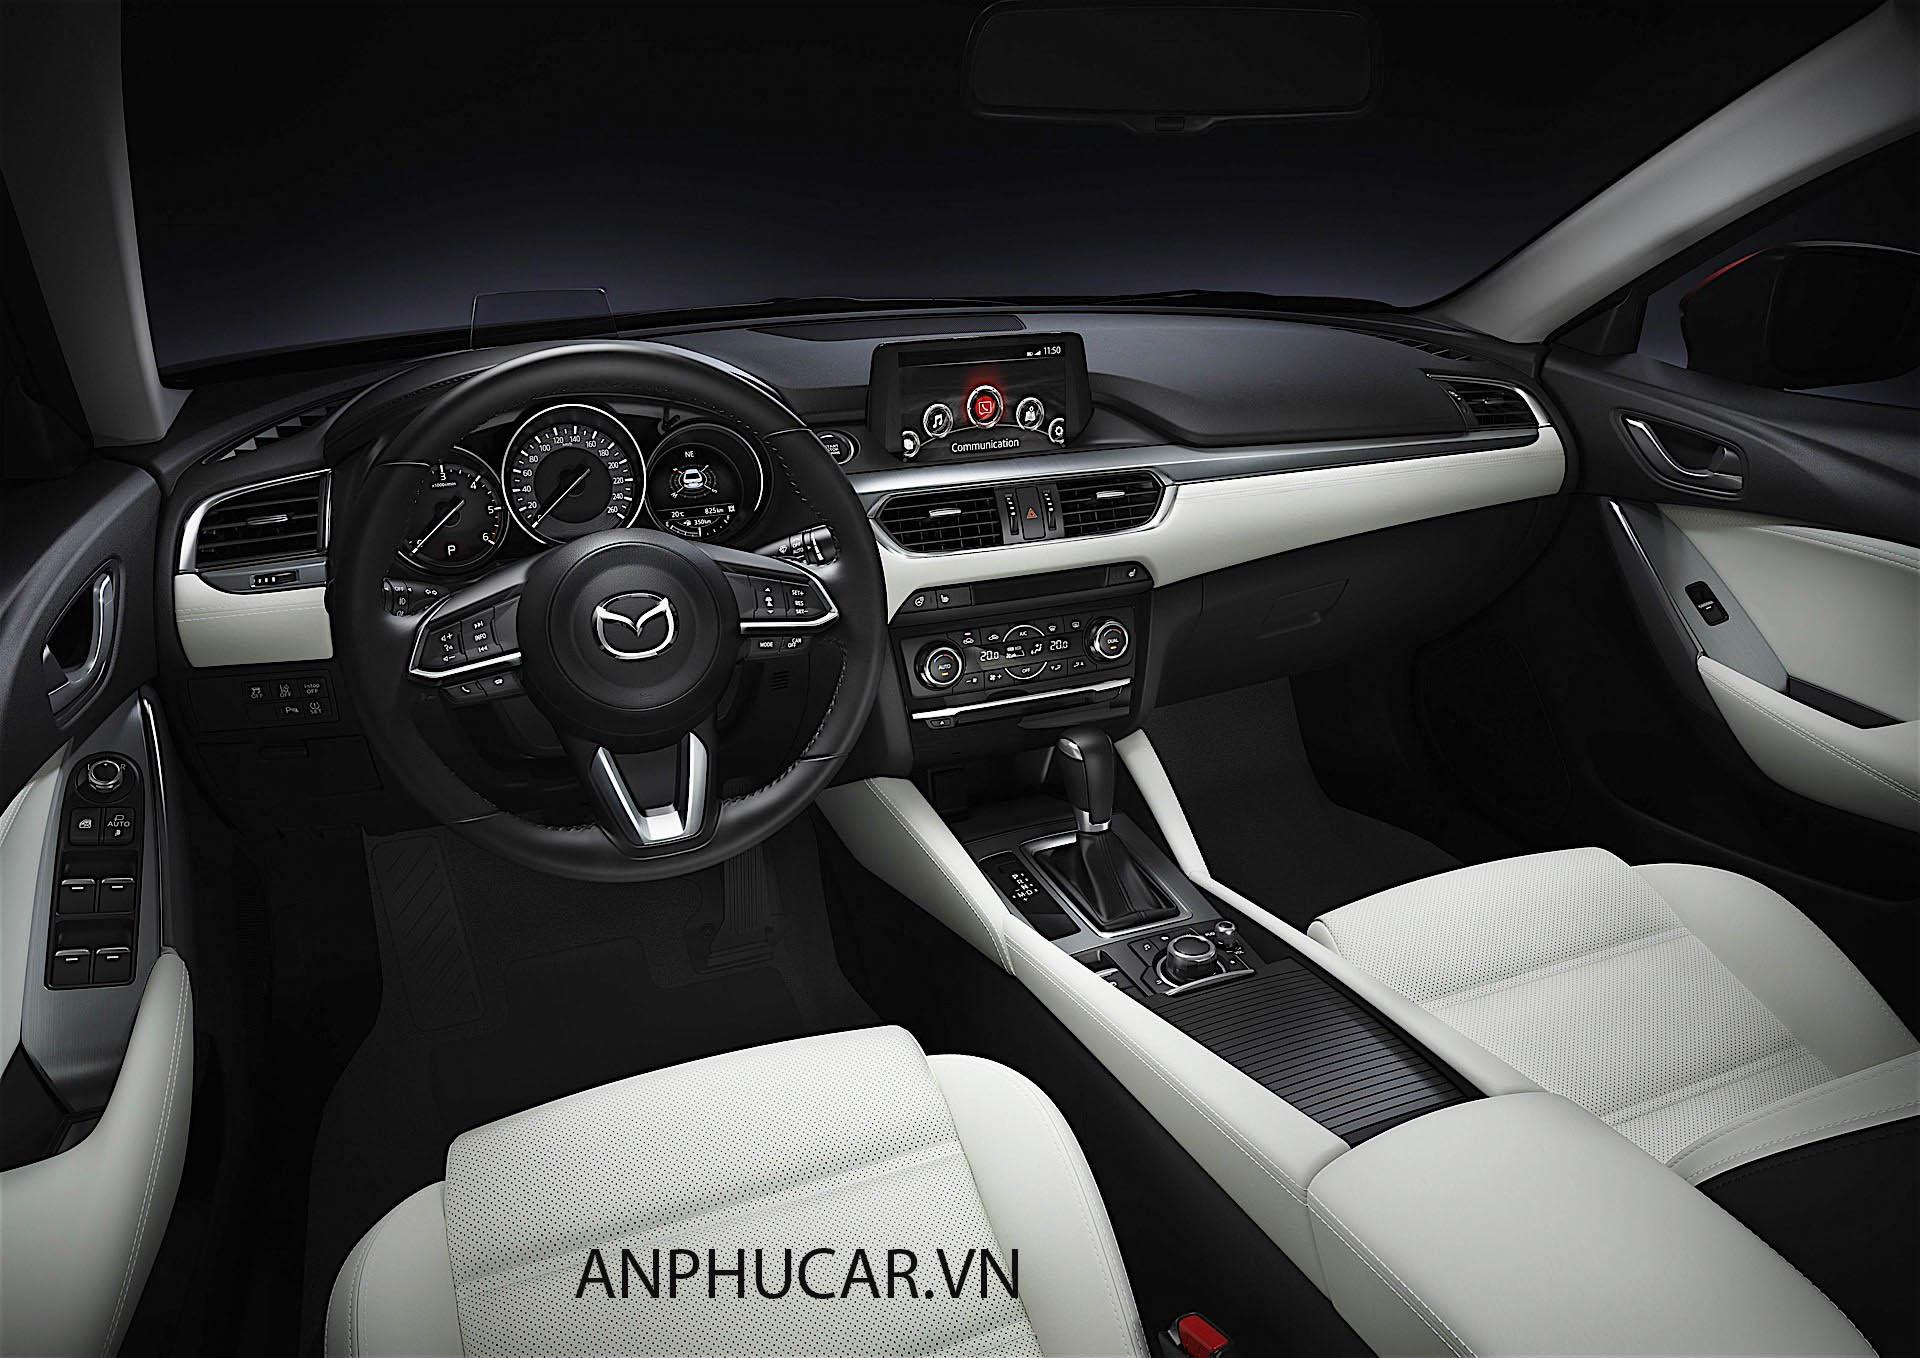 Nội thất Mazda 6 2020